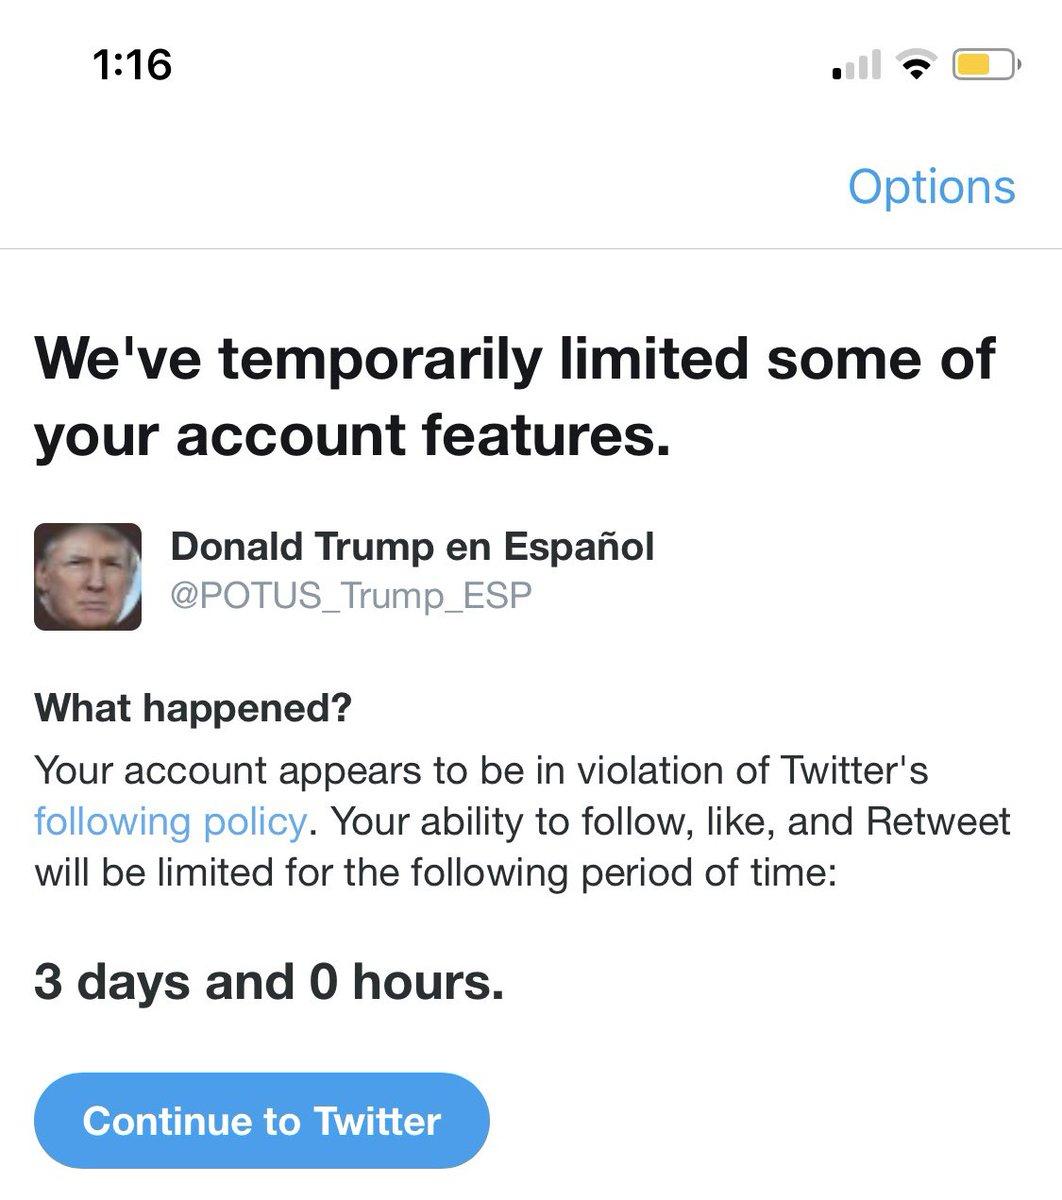 A @Twitter no le gusta que crezca el mensaje de @POTUS_Trump_ESP en #Espanol, necesito que ustedes ayuden siguiendo la cuenta, haciendo retweet y poniéndole ❤️. Lo que haré is tomarle foto a lo que dice @WhiteHouse y @realDonaldTrump #MAGA #KAG